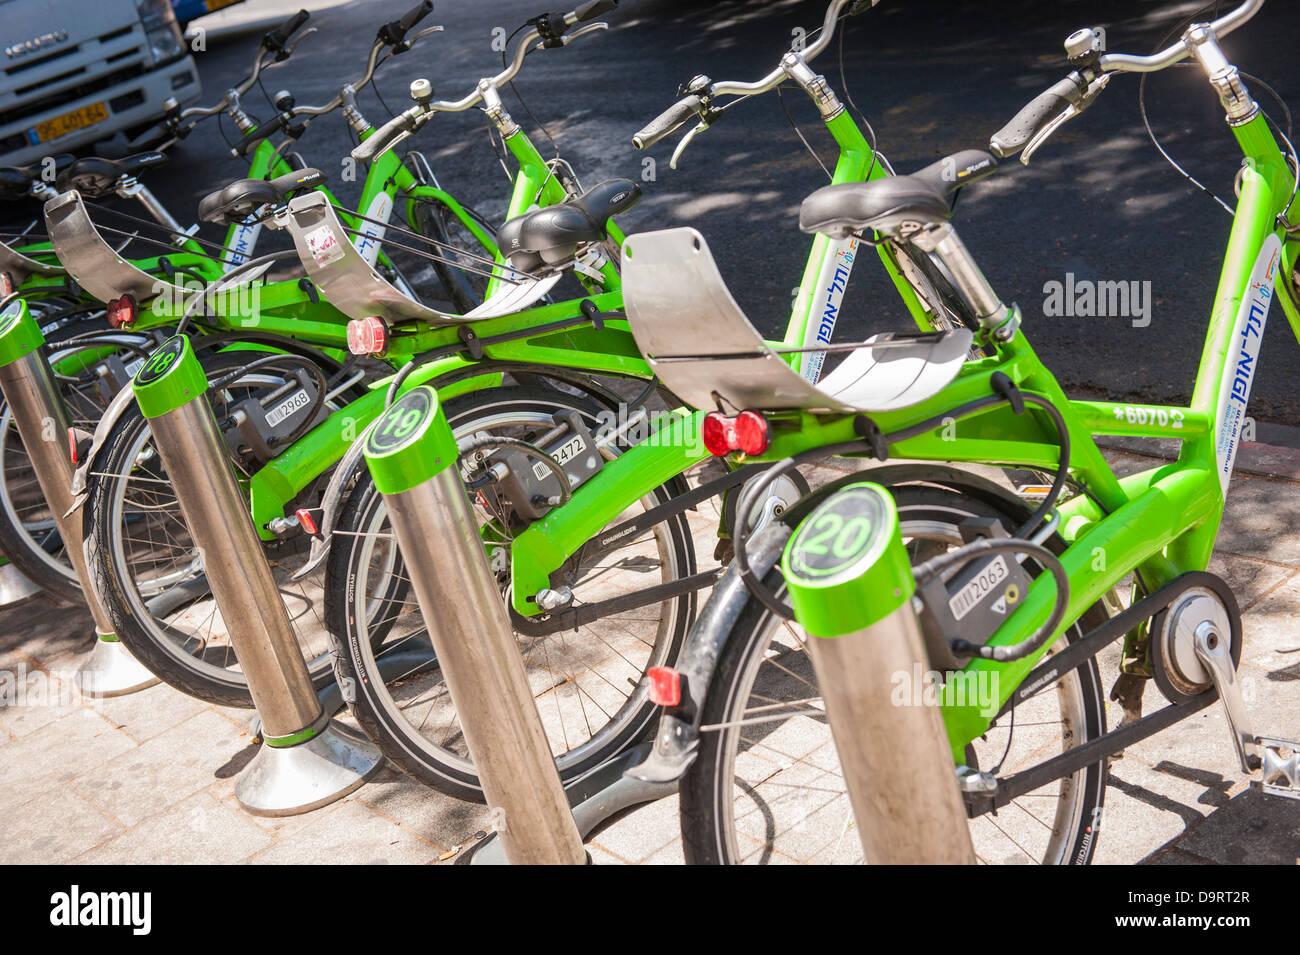 Israel Tel Aviv Tel o diversión autoservicio verde brillante bicicleta bicicleta bicicletas Alquiler de bicicletas Imagen De Stock